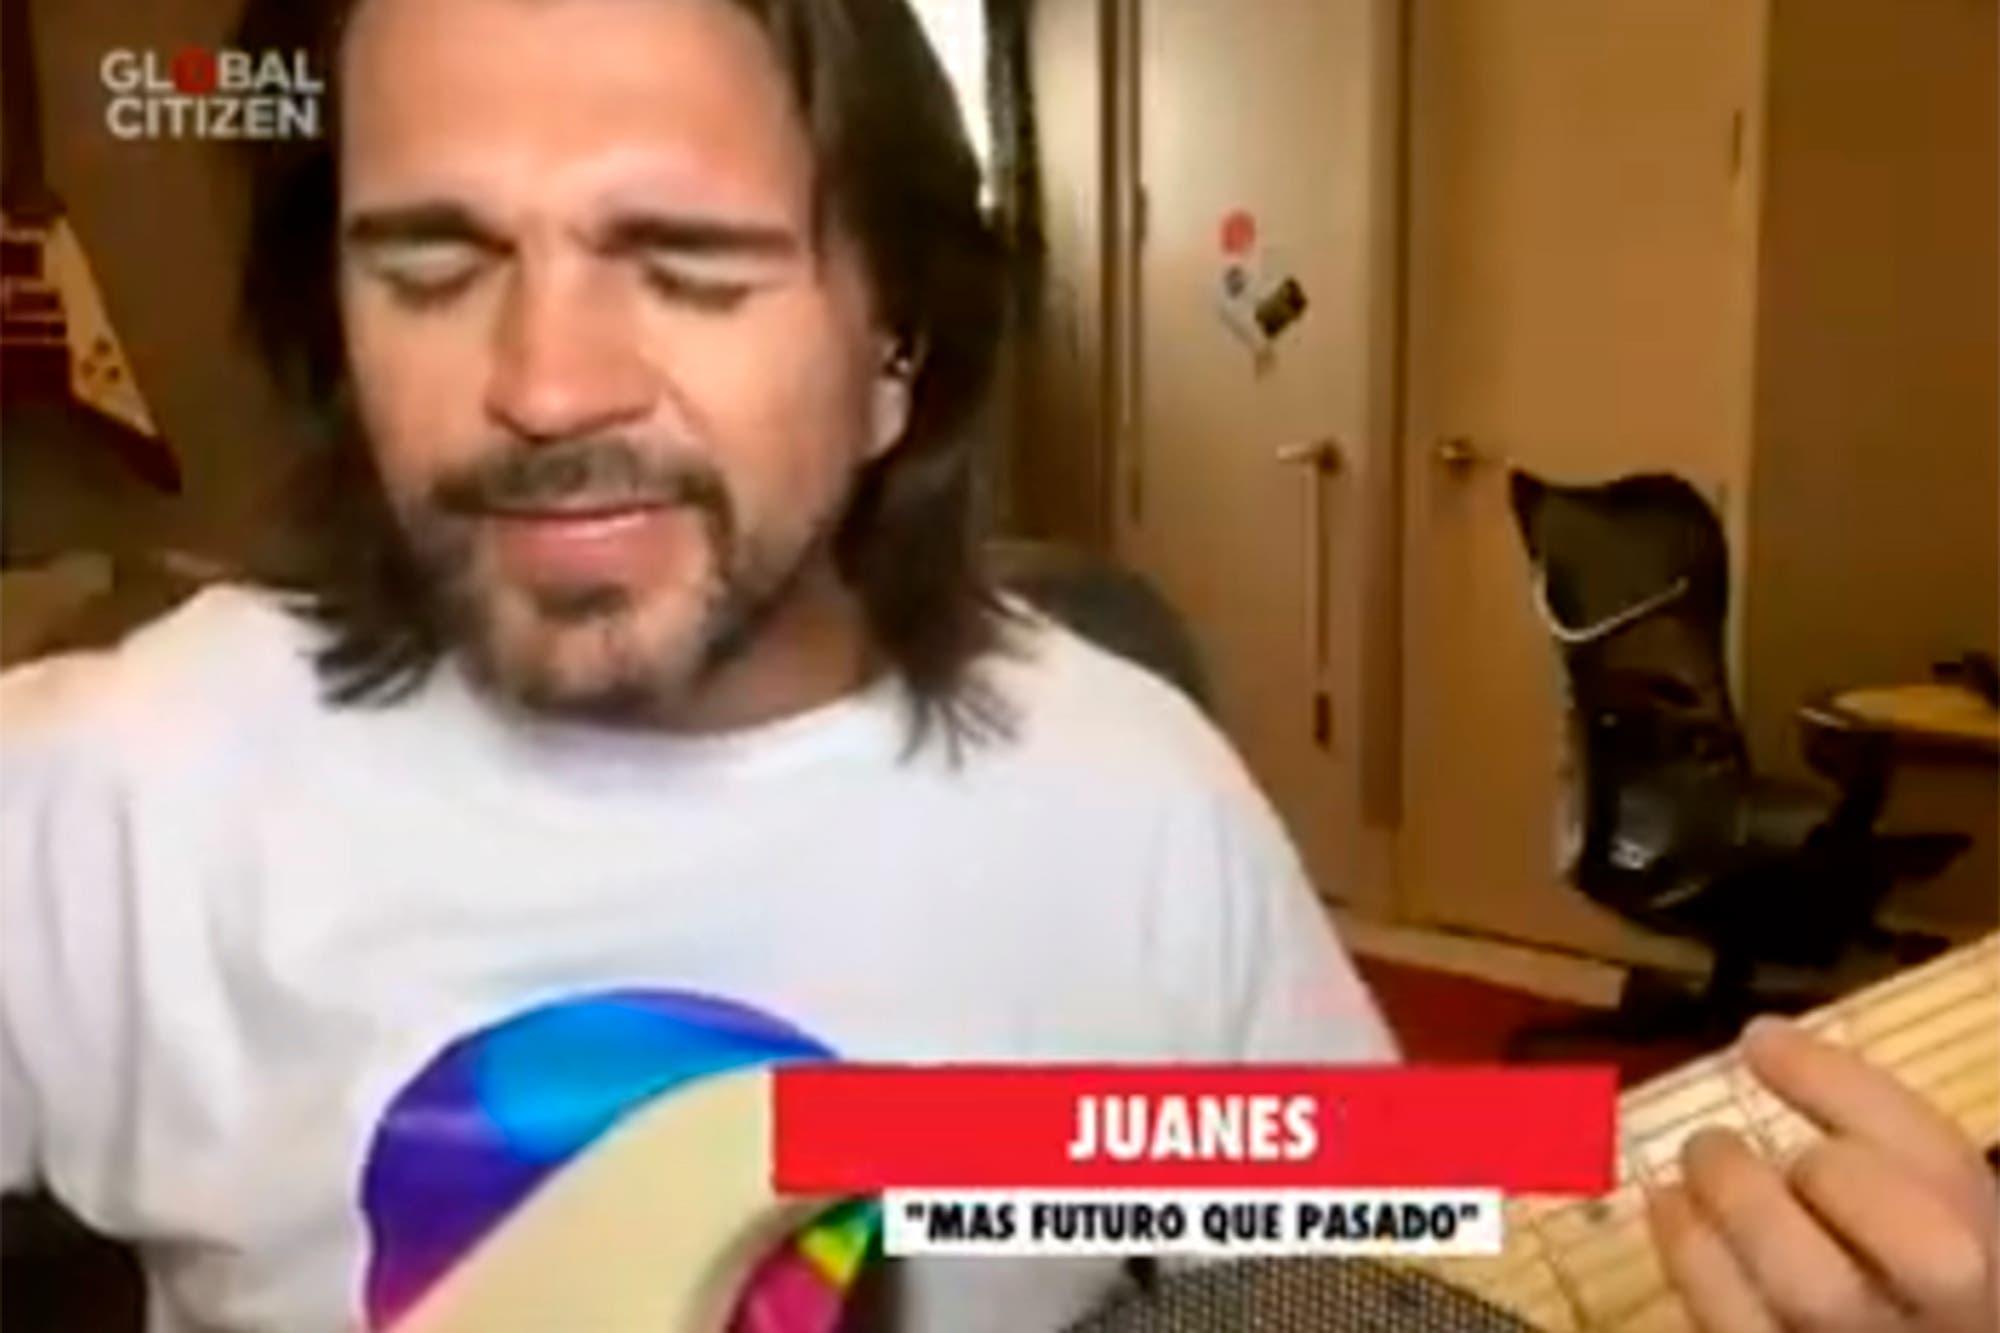 Juanes ofreció su esperado concierto sinfónico virtual con la Filarmónica de Bogotá